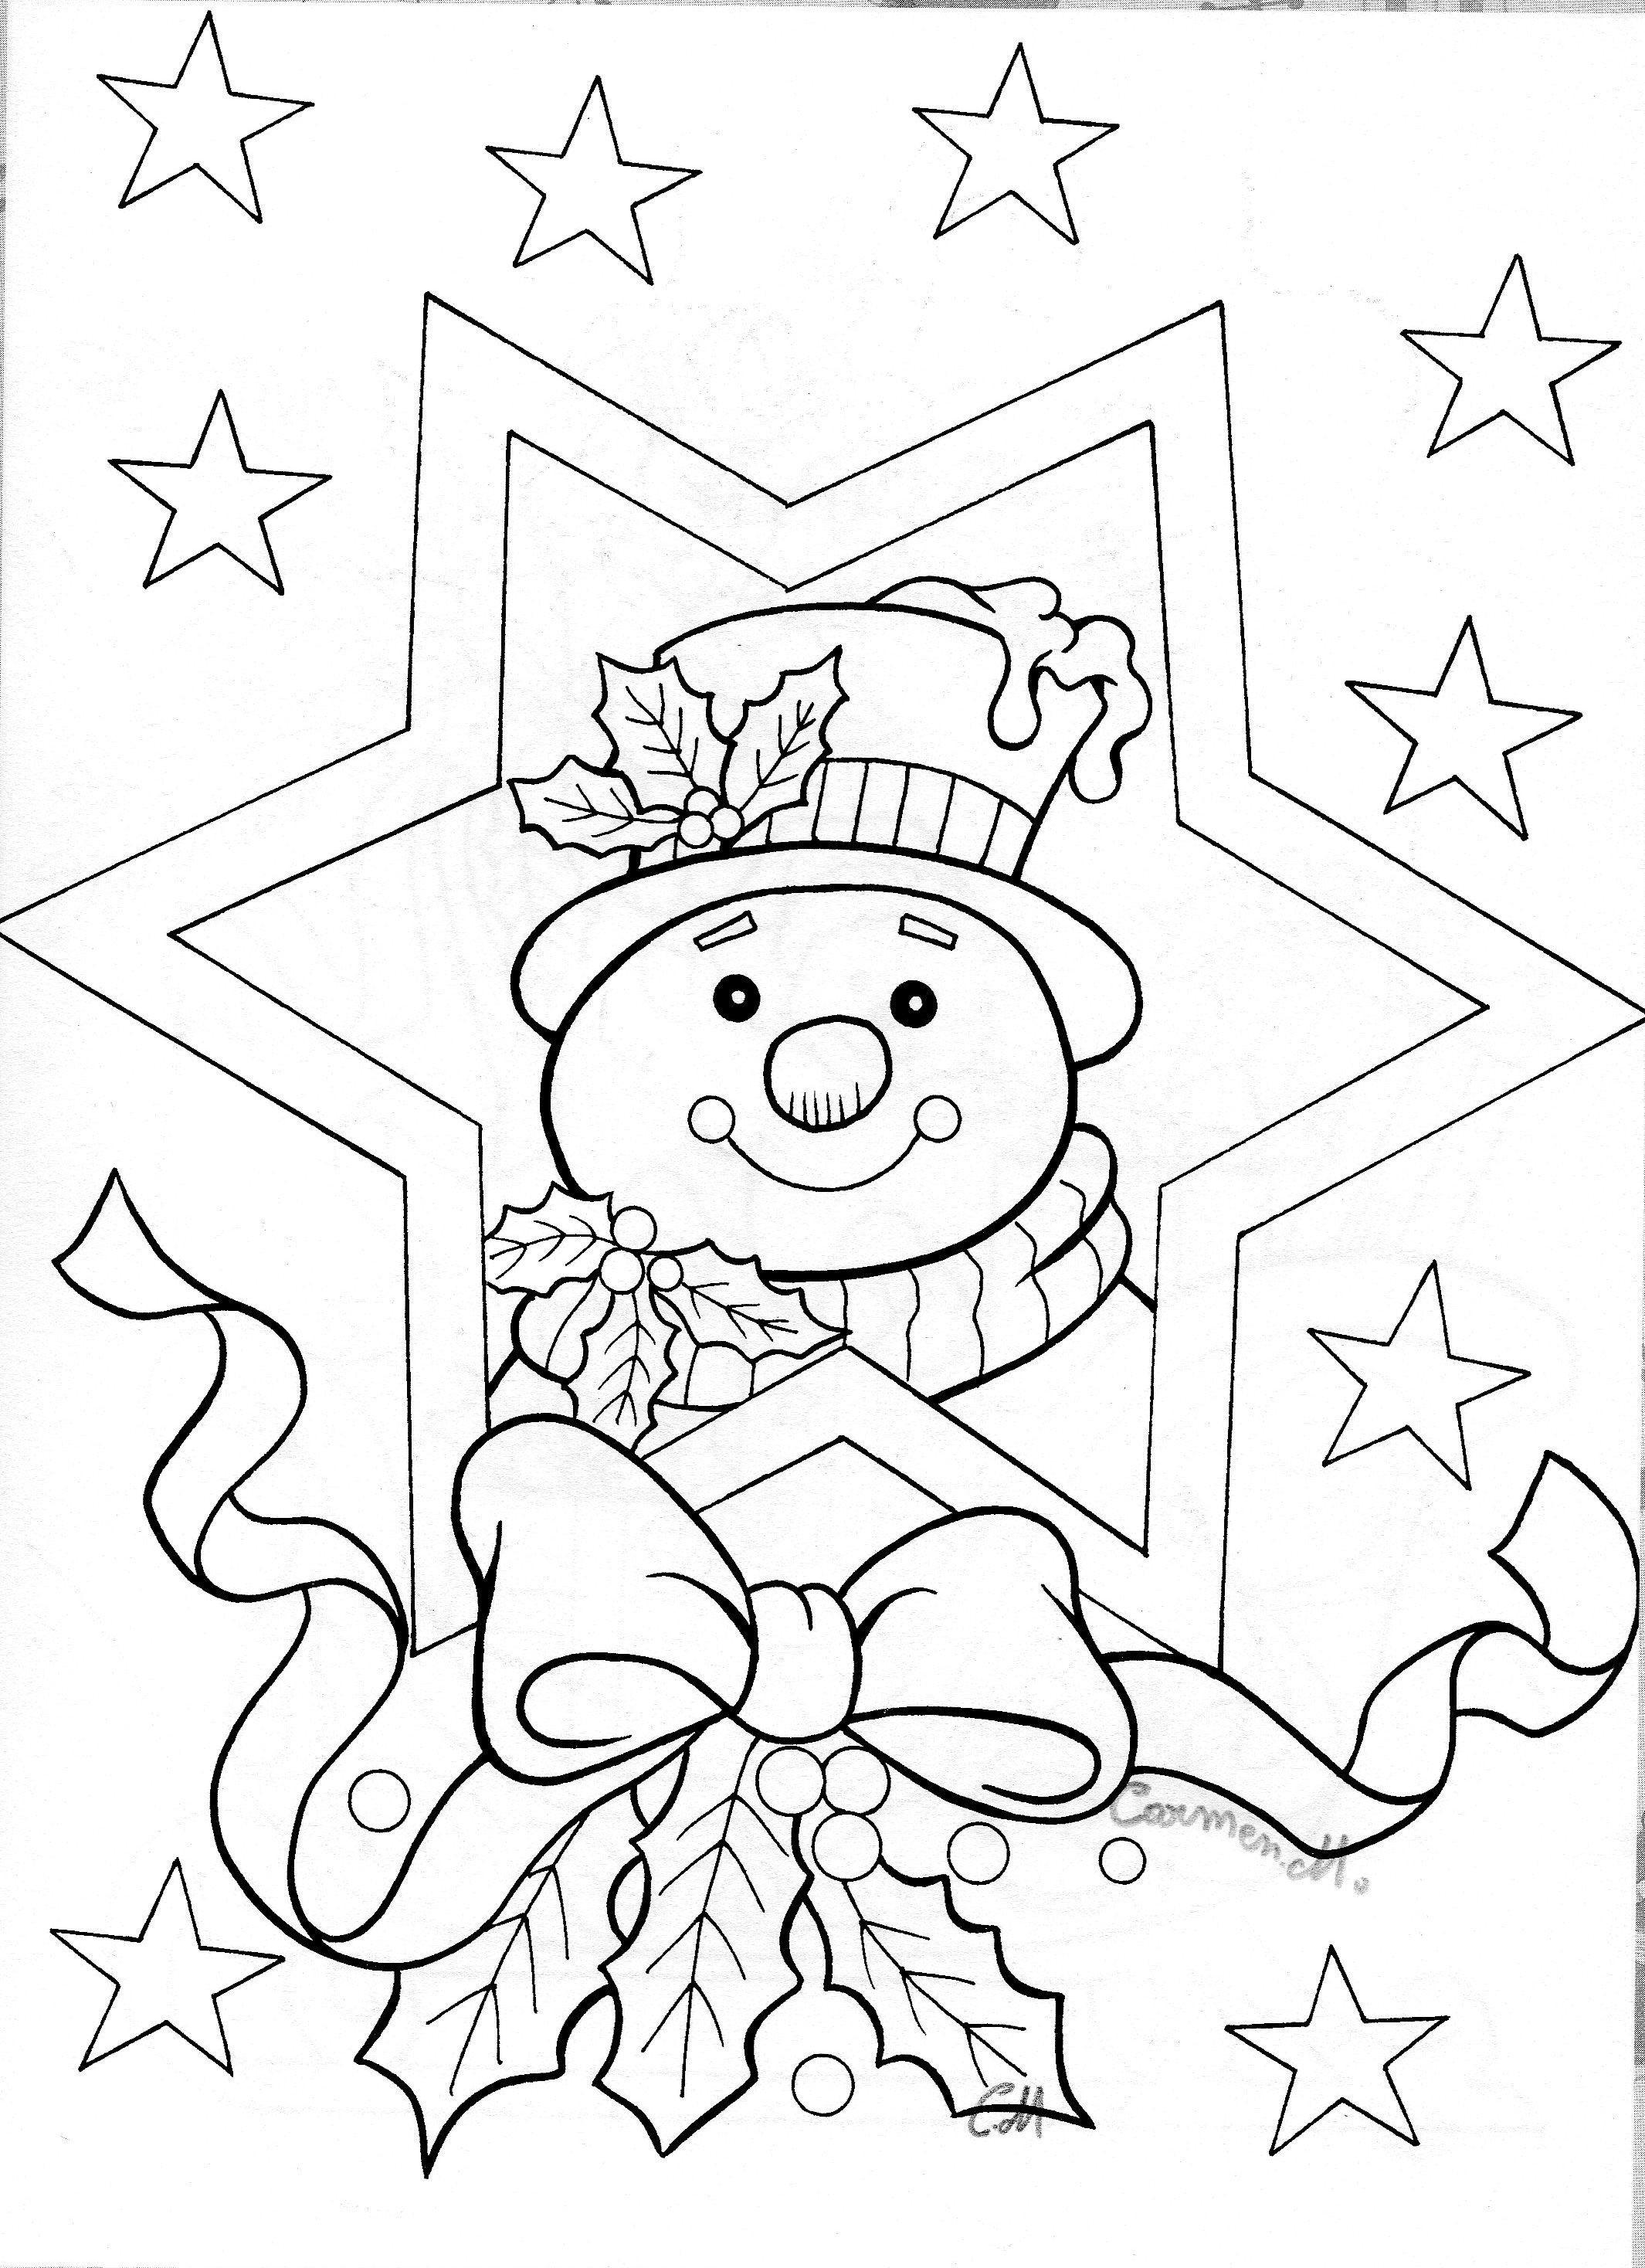 Ausmalbilder Weihnachten Kostenlos Drucken Neu Herr Schneemann Zu Weihnachten Ausmalbild Malvorlage Das Bild